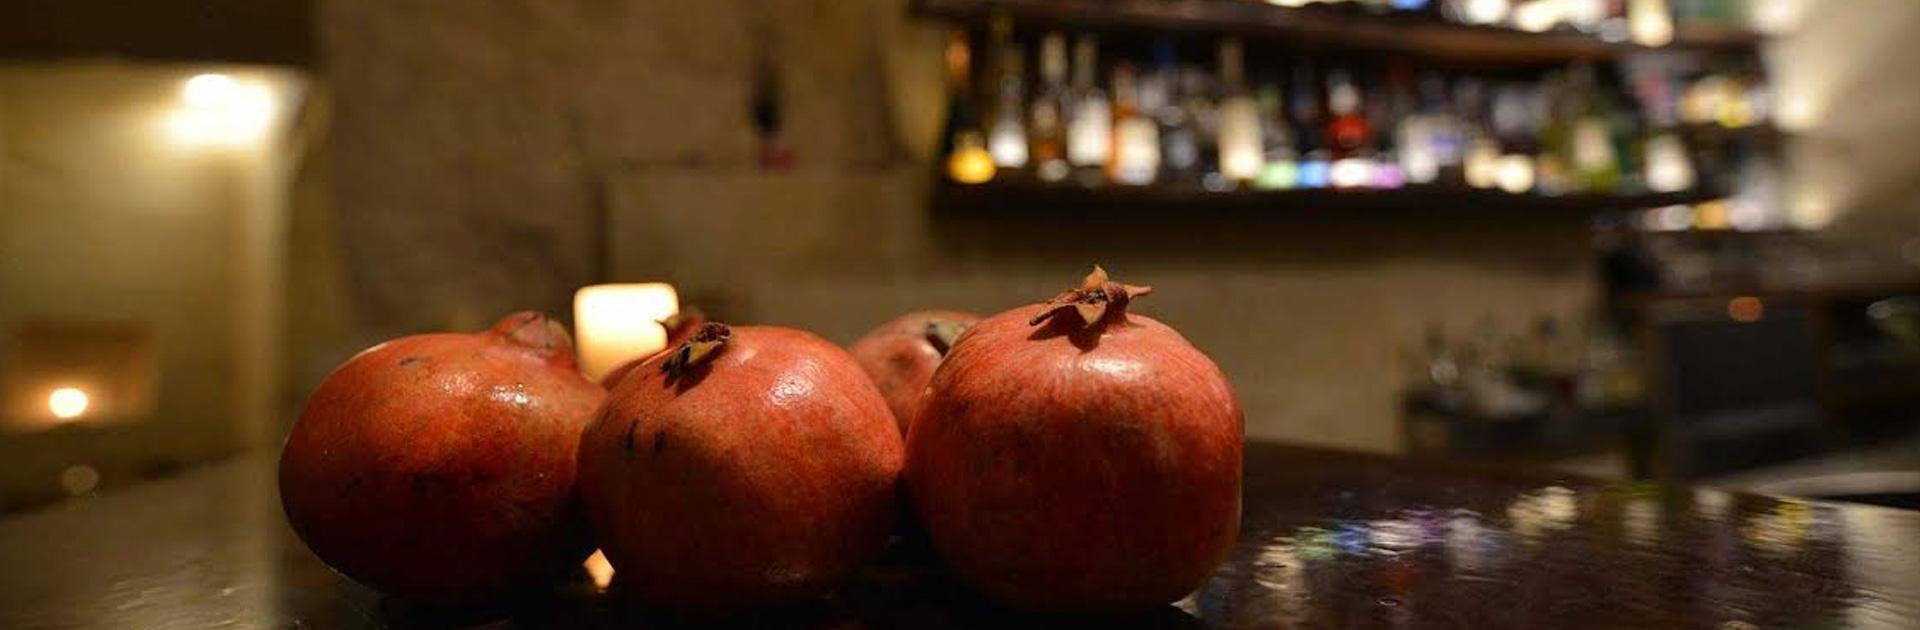 background-2-la-lopa-ristorante-pub-aperitivi-stuzzicheria-bar-happy-hour-sassi-di-matera-basilicata